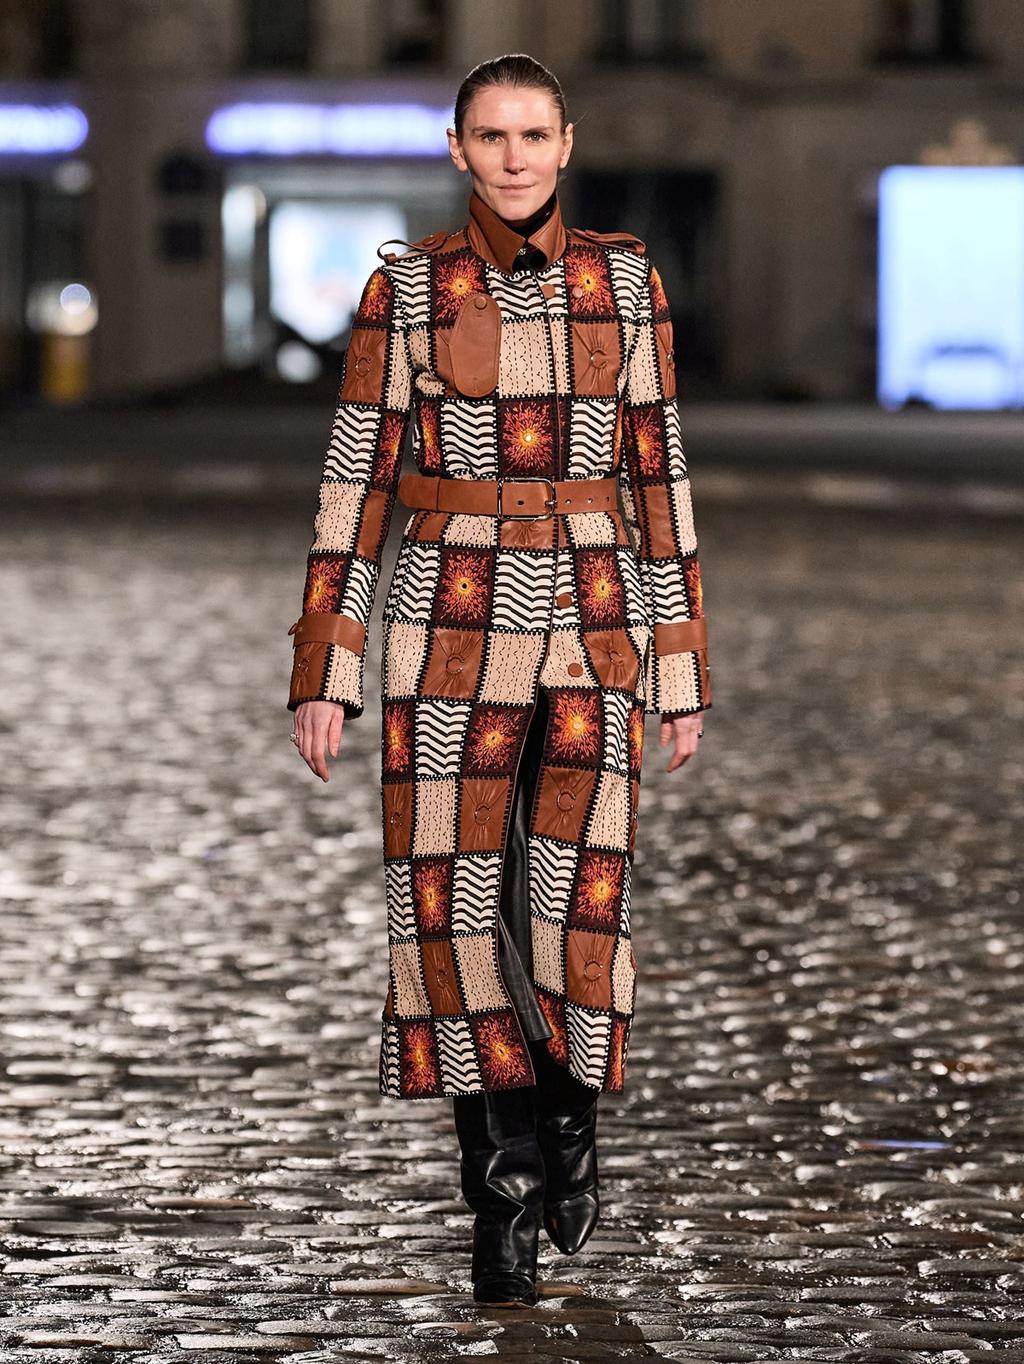 גבריאלה הרסט המעצבת החדשה של מותג הבגדים קלואה פנאי